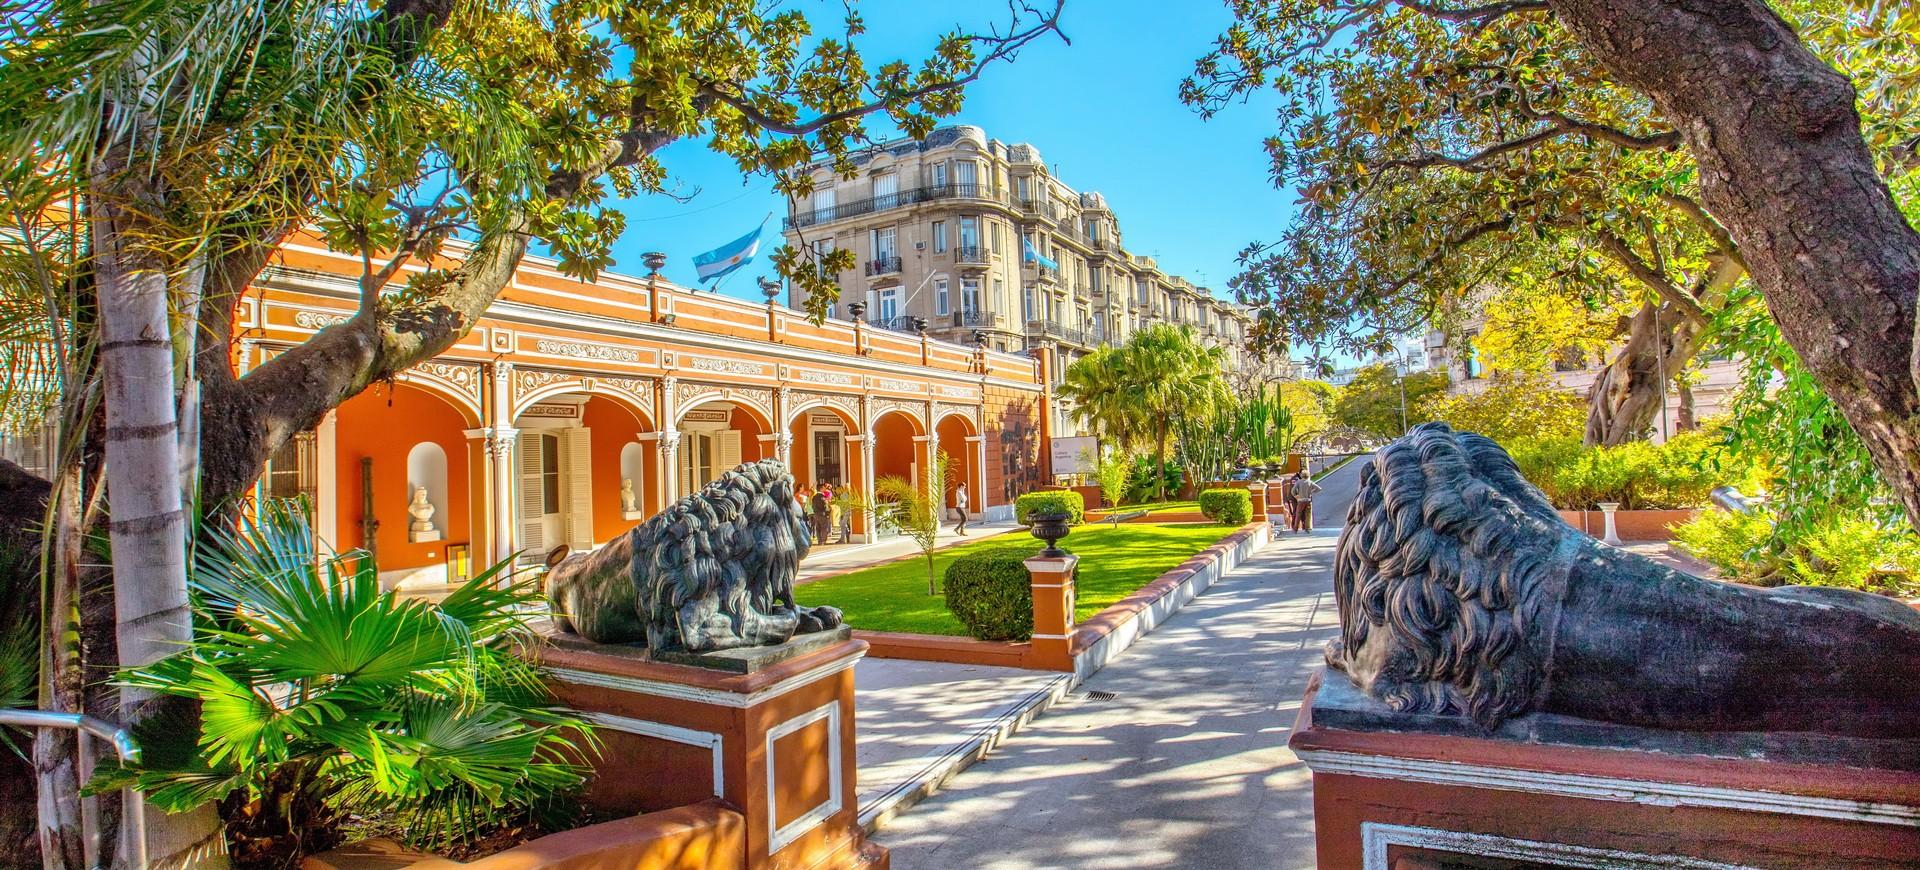 Musée d'histoire National à Buenos Aires